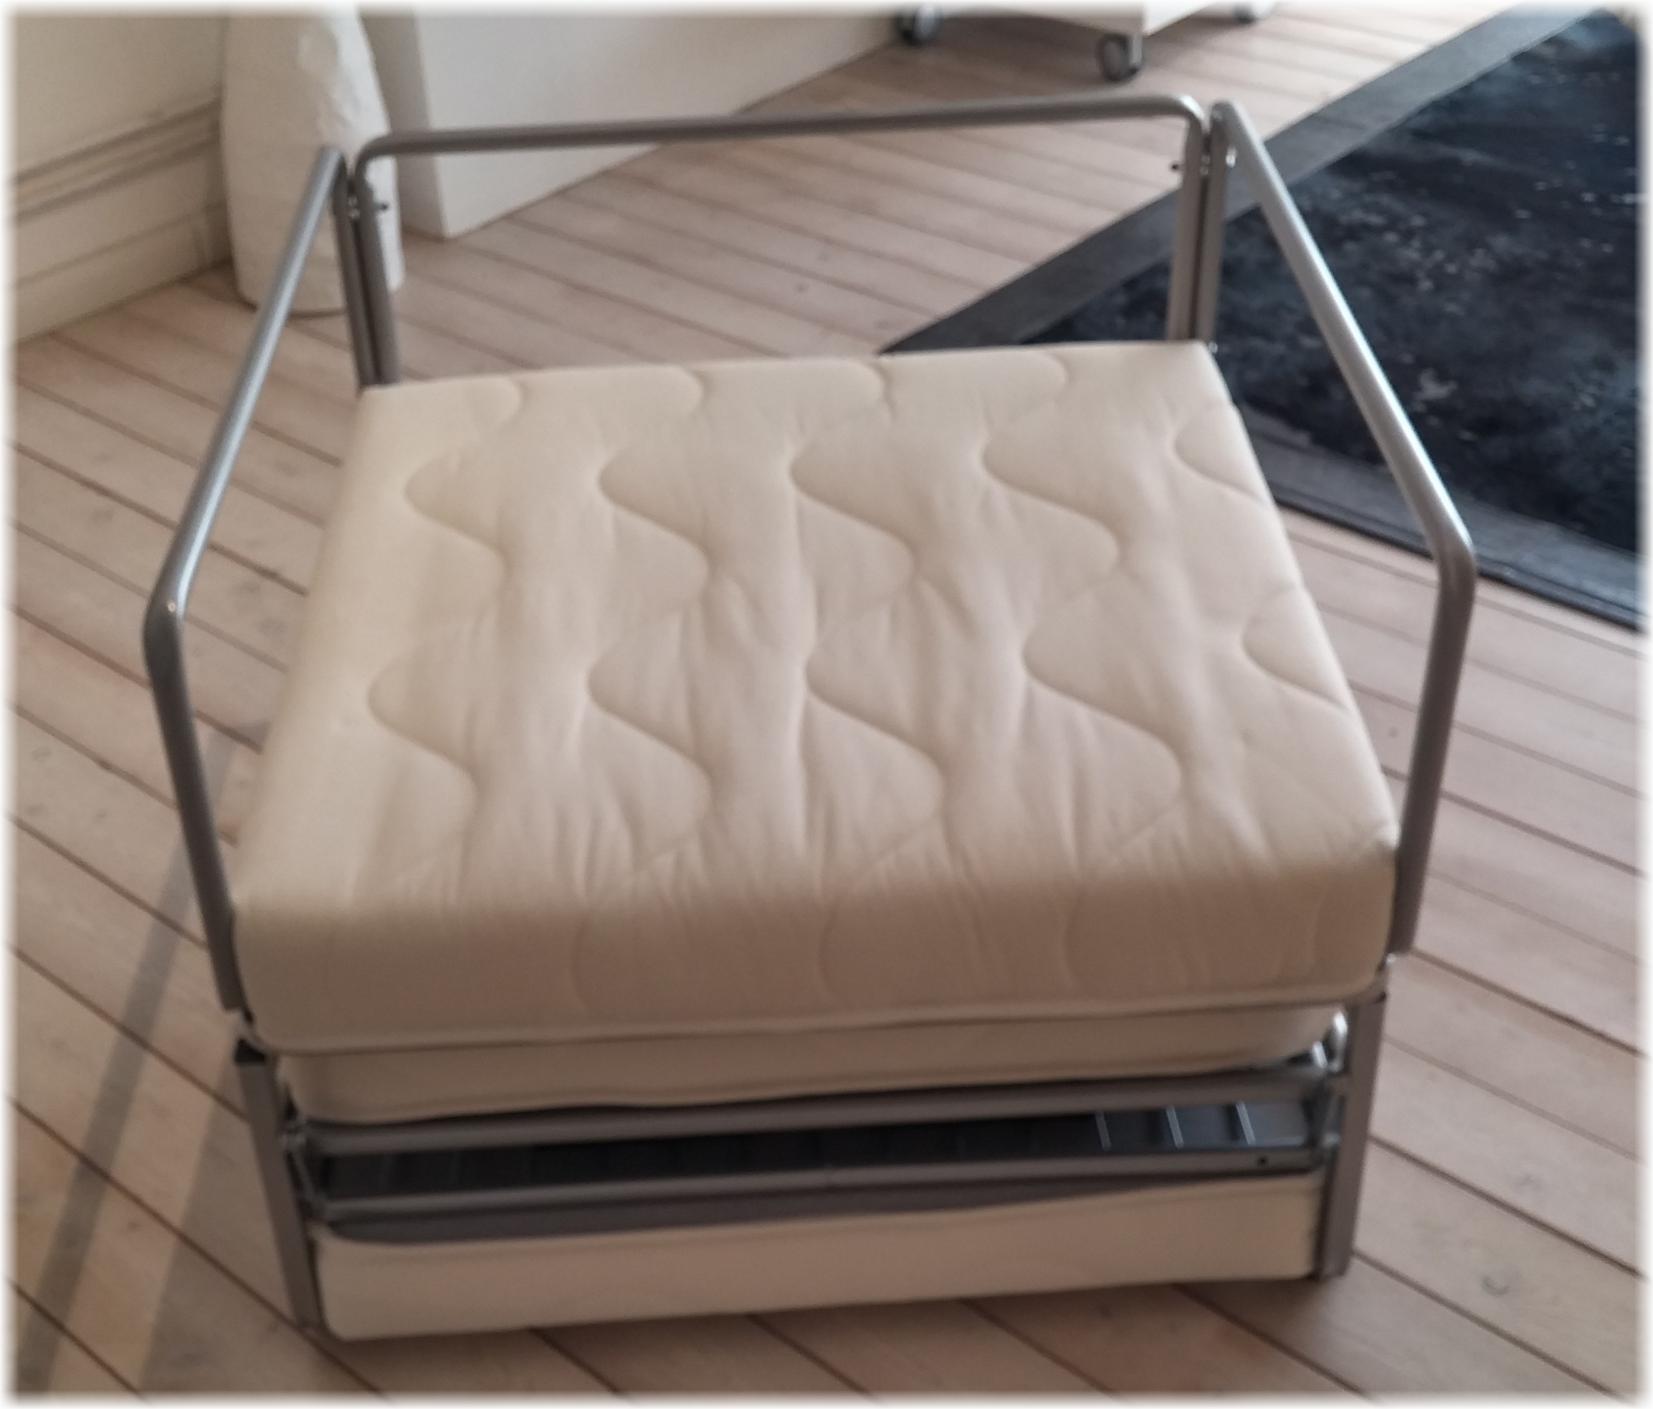 Divani in promozione poltrone e sofa trendy divani e sofa offerte aecagra org poltrone sofa - Divani letto sofa offerte ...